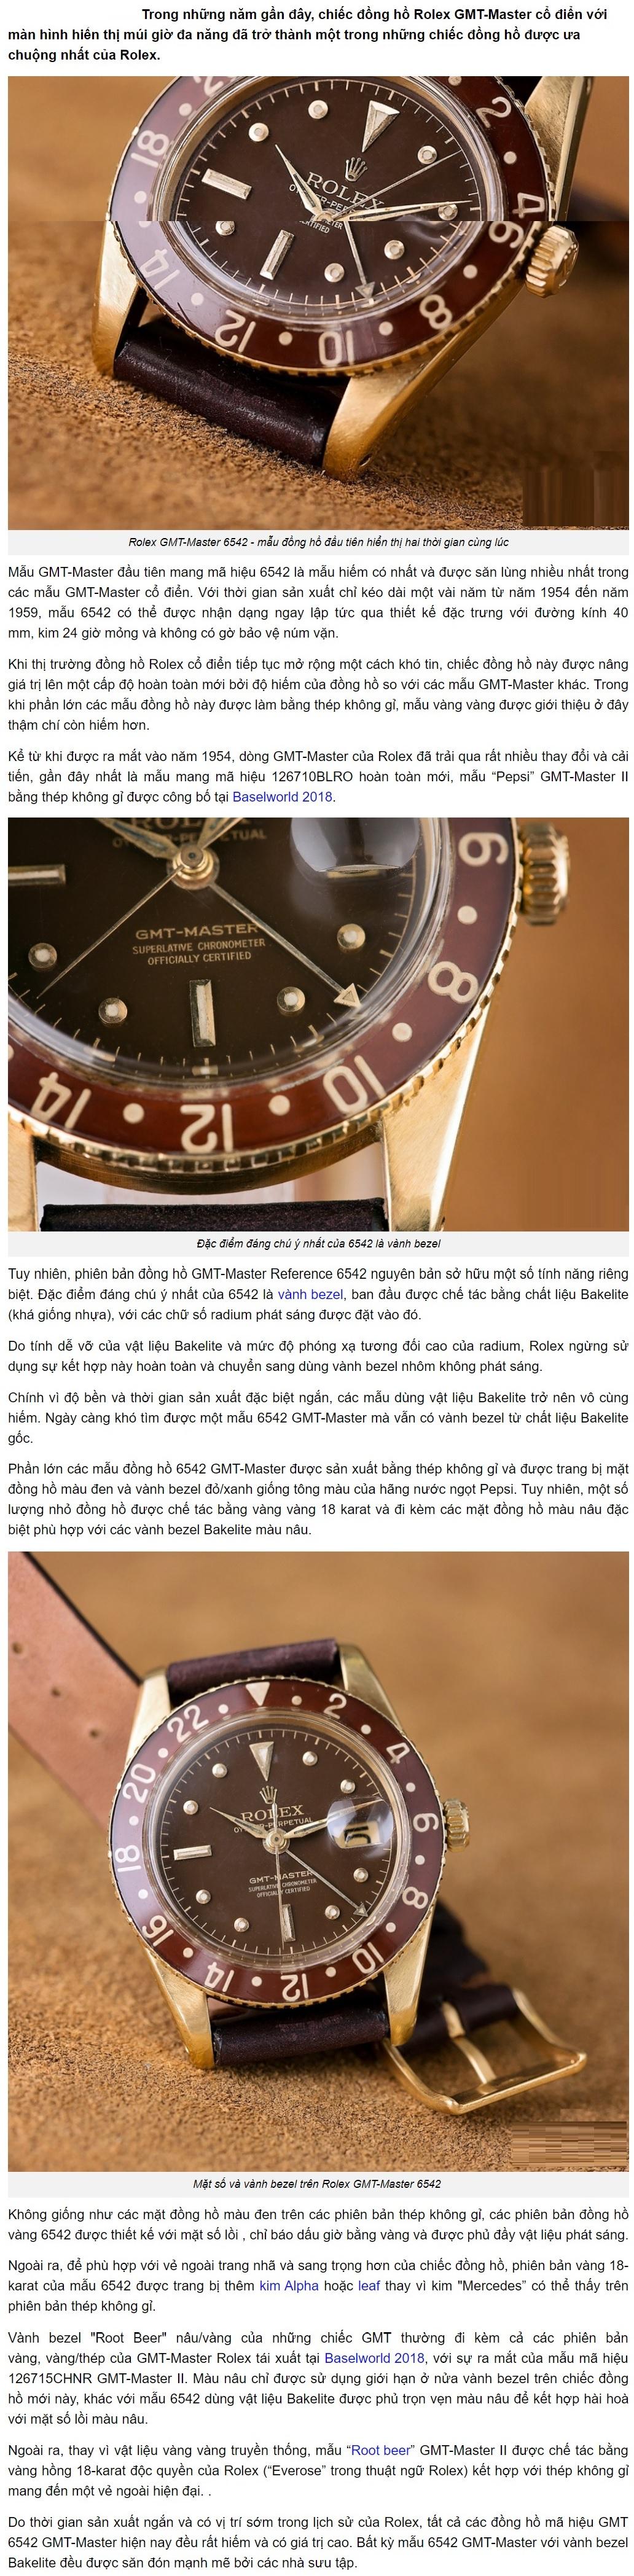 Vẻ đẹp tinh túy của đồng hồ Rolex GMT-Master 6542